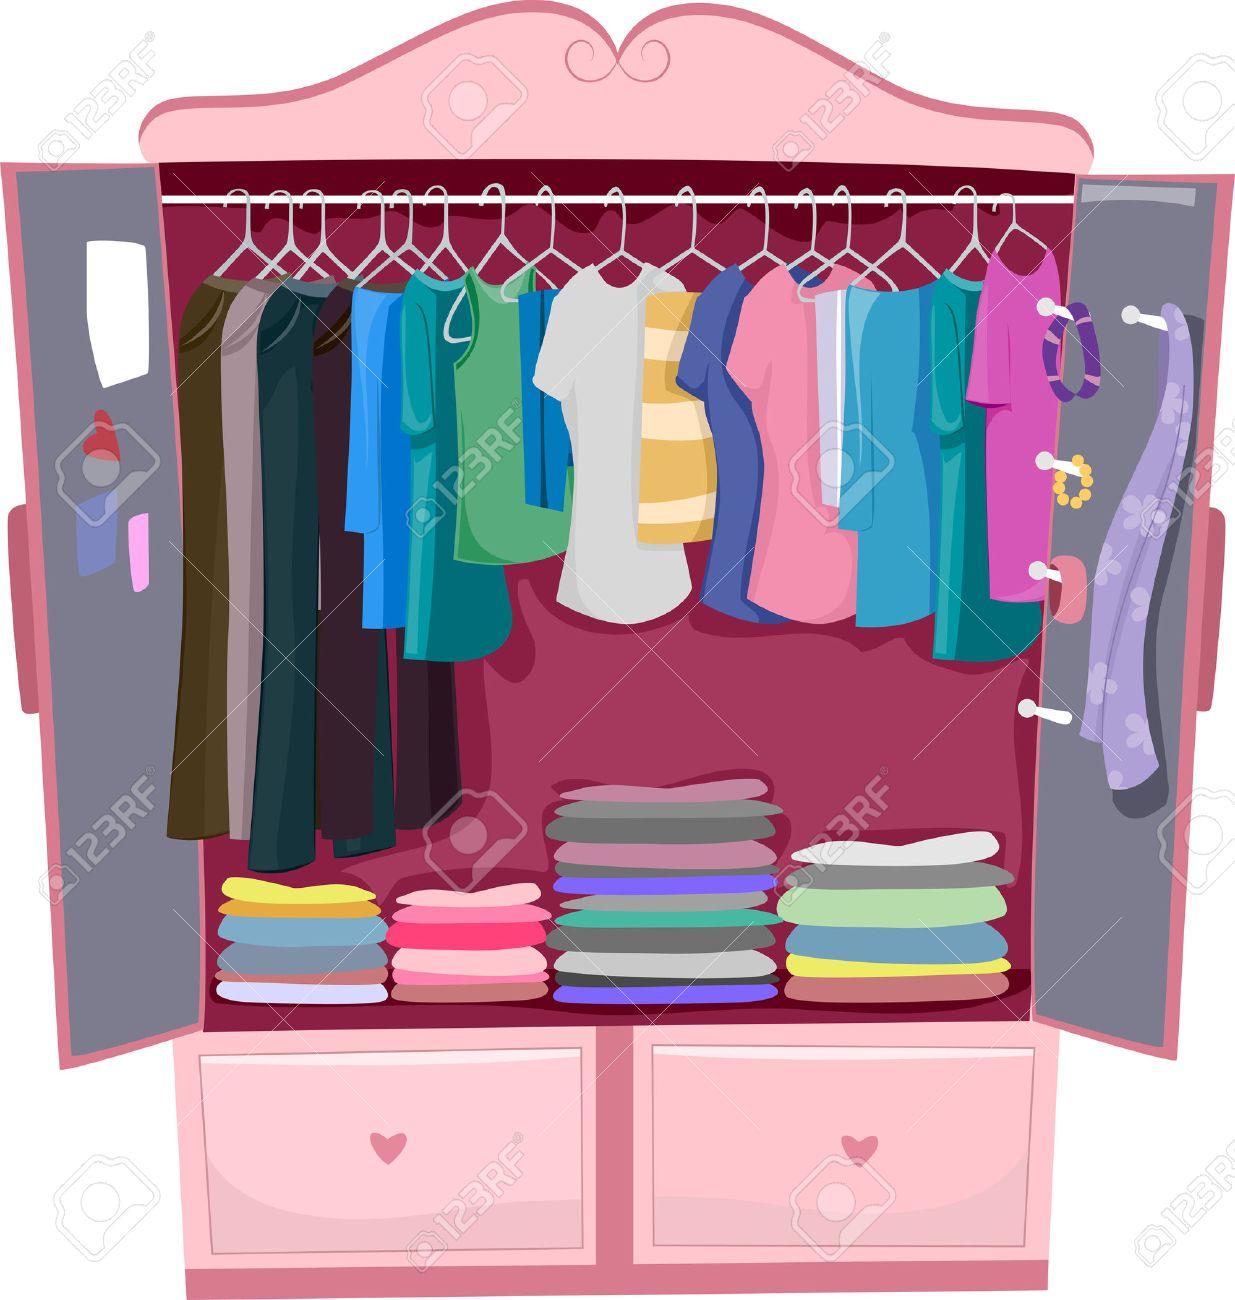 Kleiderschrank comic  Garderobe Lizenzfreie Vektorgrafiken Kaufen: 123RF